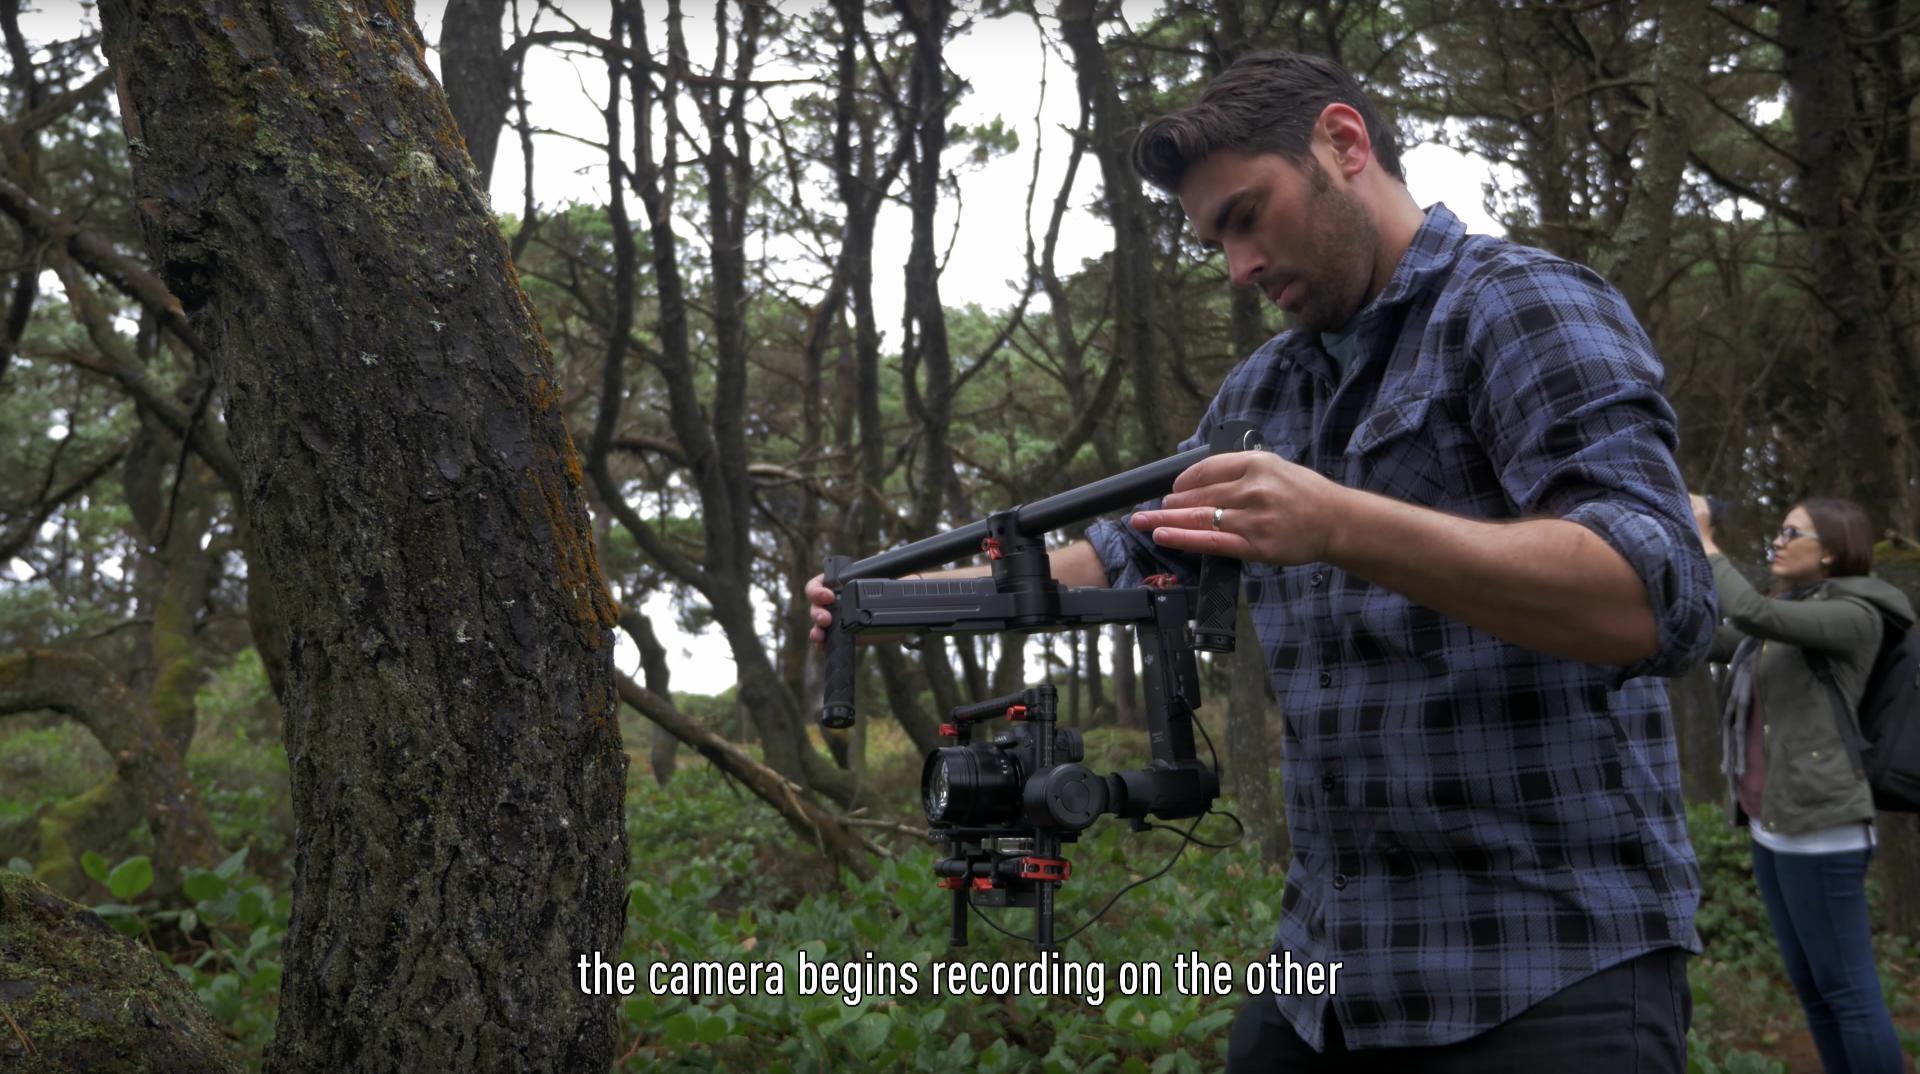 Når vi ser på prisen på GH5, sett opp mot konkurrentene, gir kameraet mest mening hvis du skal bruke det til video.